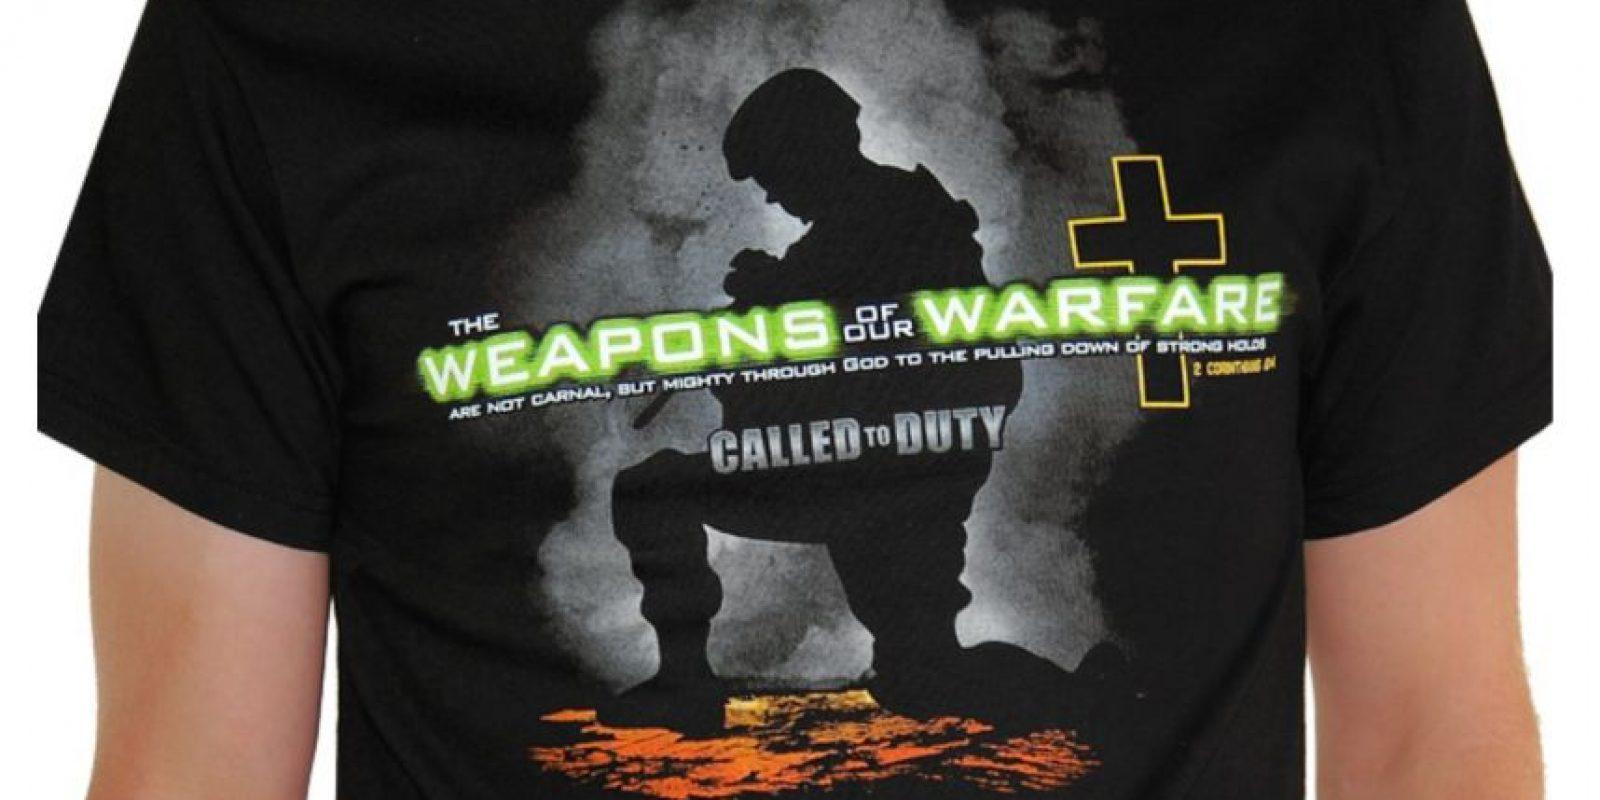 """""""The weapons of our warfare"""" (Las armas de nuestra milicia) Un claro mensaje bélico como propaganda para un videojuego Foto:Vía """"gameinformer.com"""""""